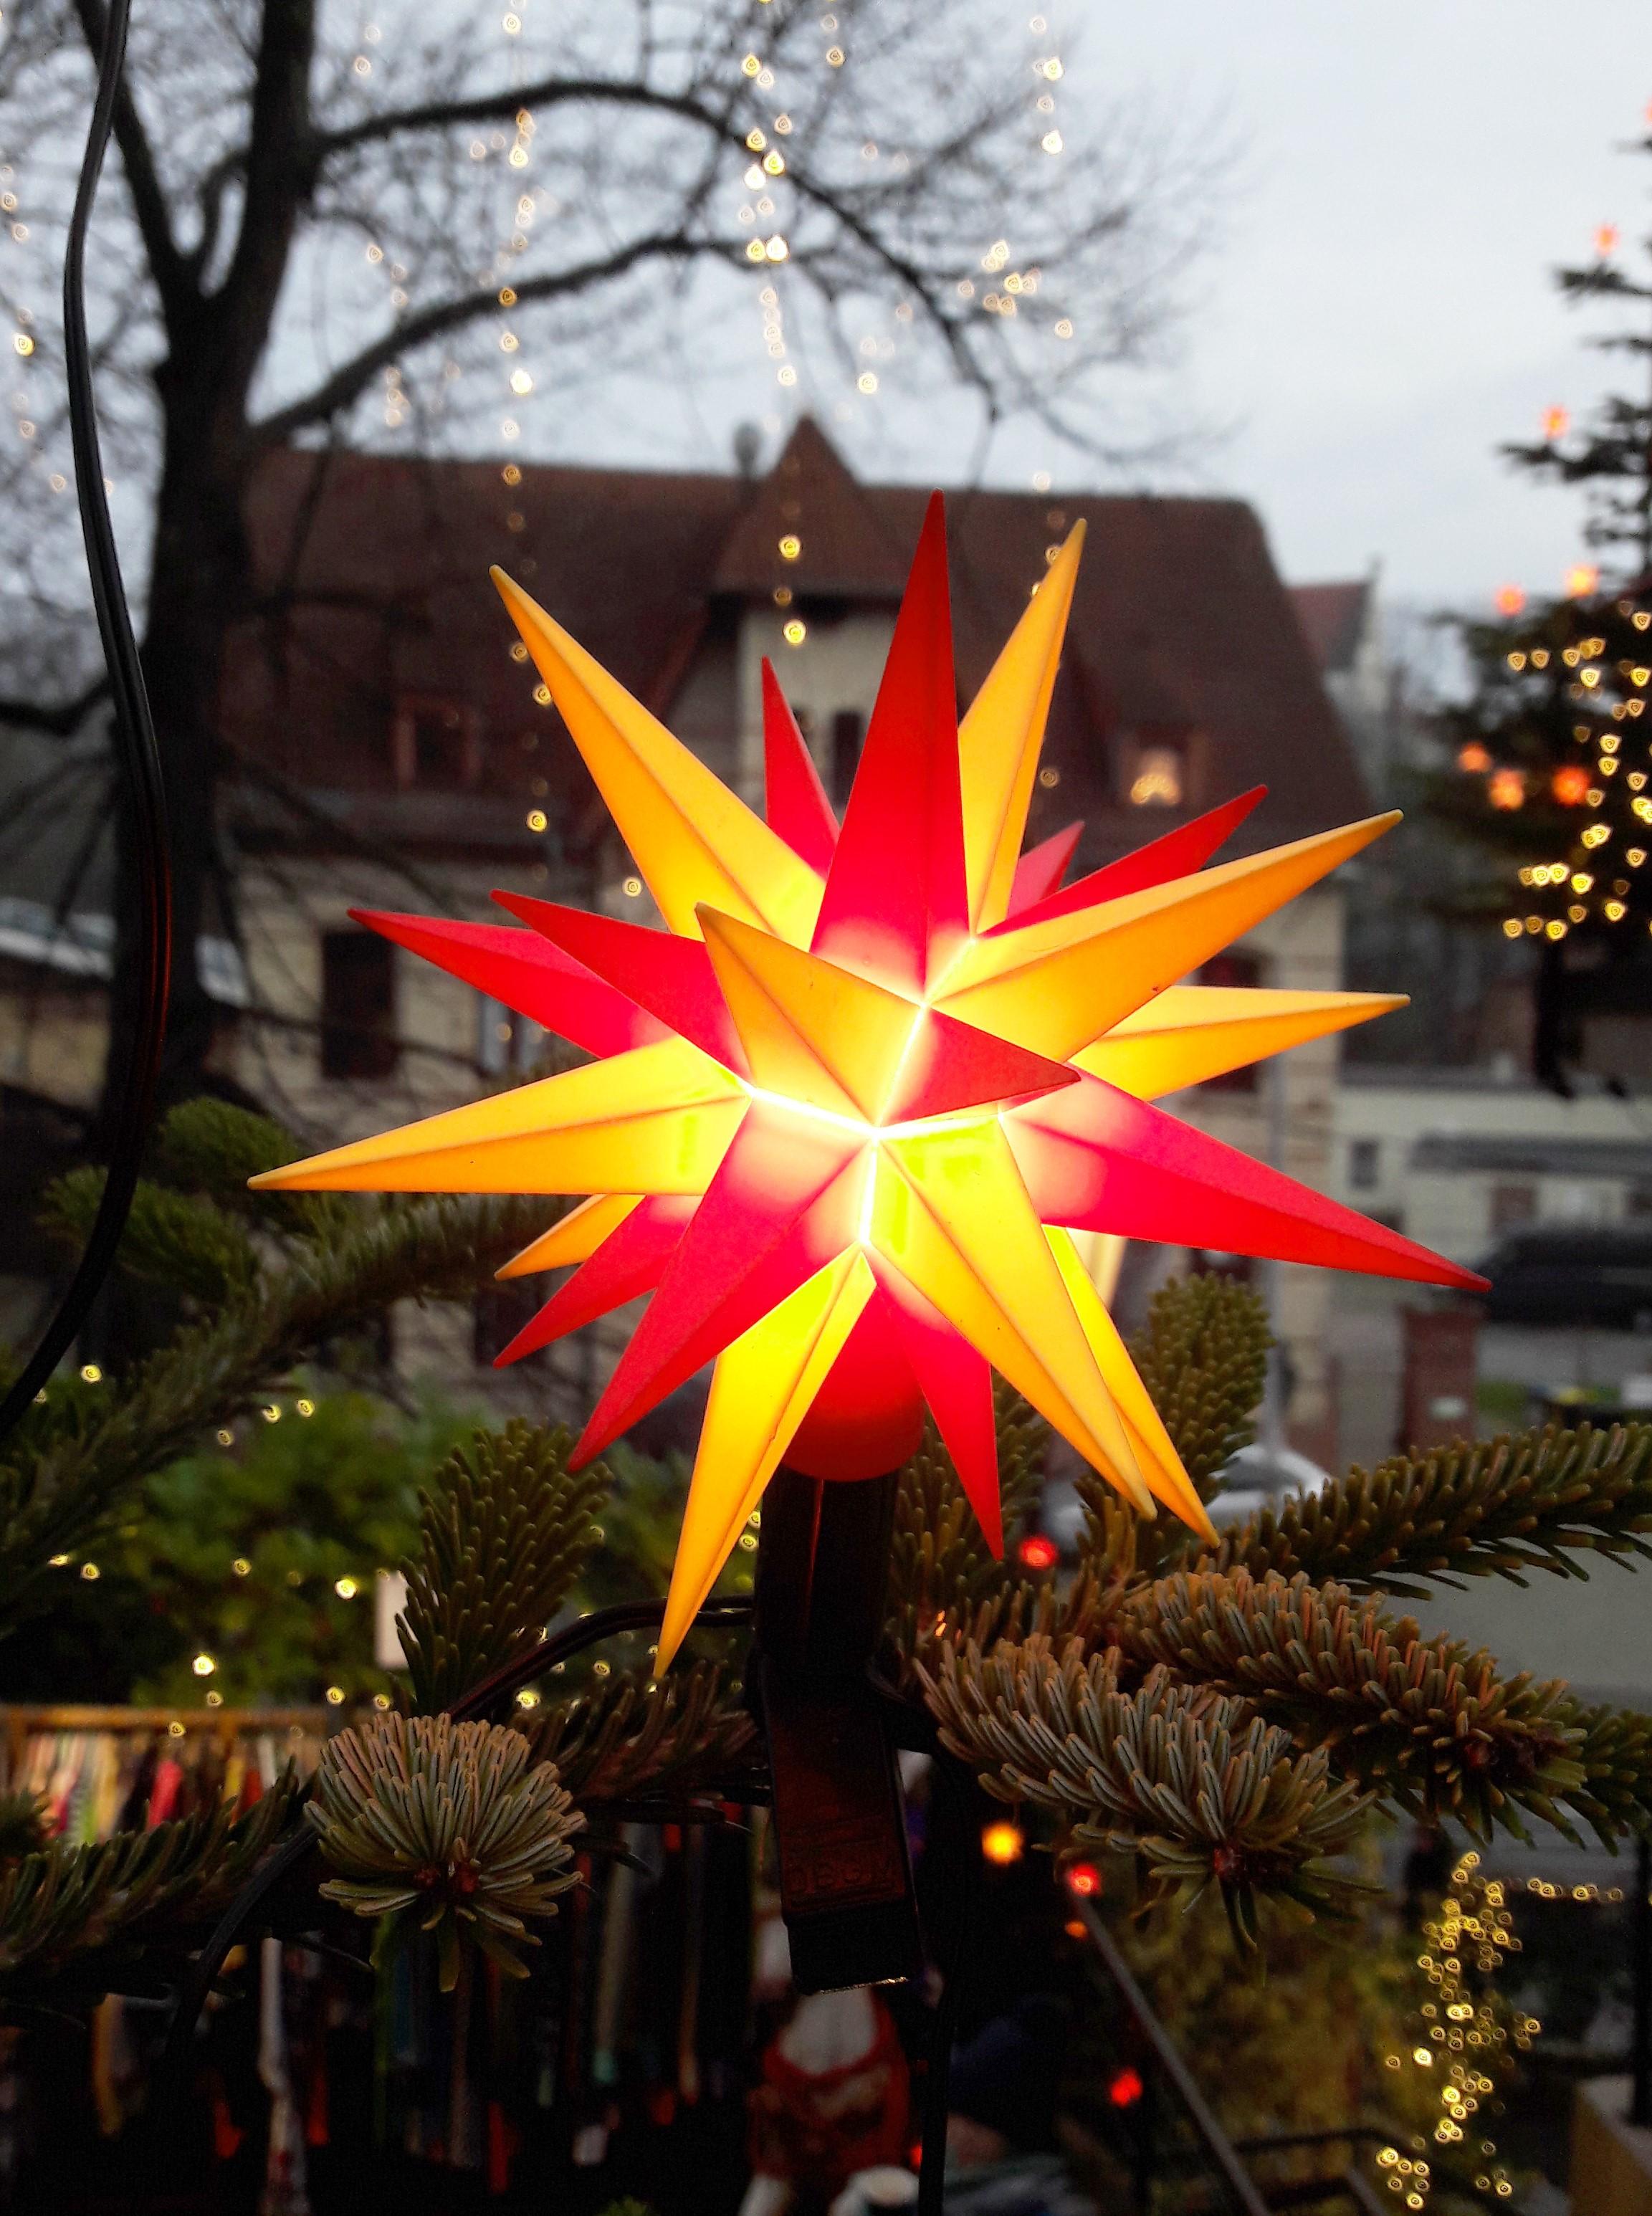 Ein kleiner leuchtender Stern hängt im Weihnachtsbaum, Hintergrund ein Haus und Straße